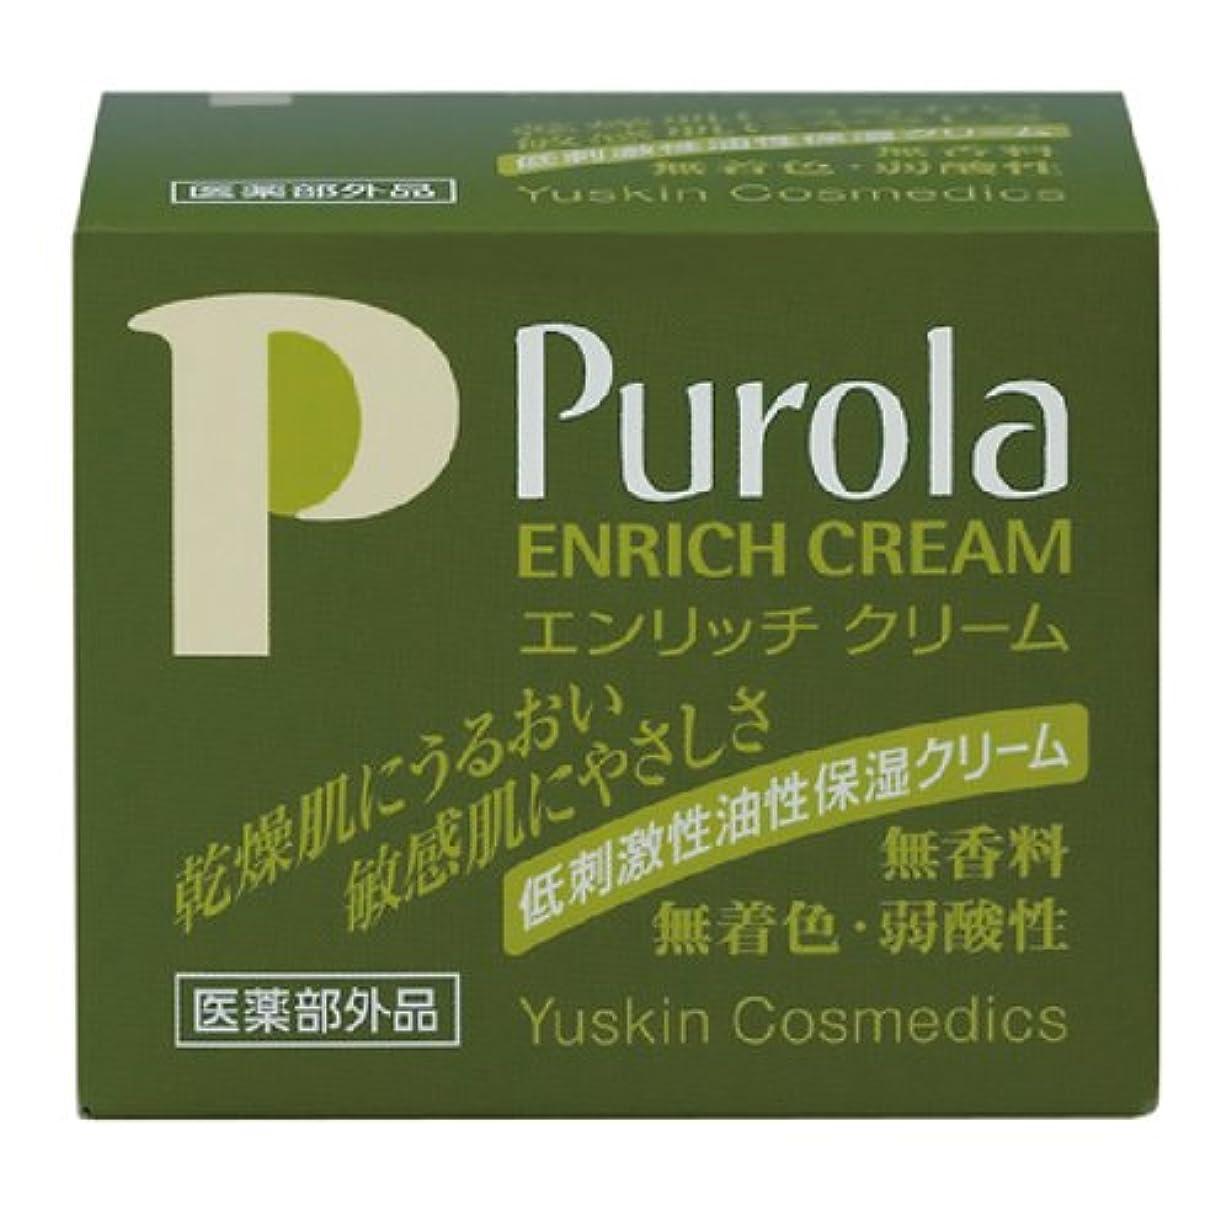 引数規制する選ぶプローラ 薬用エンリッチクリームa 67g